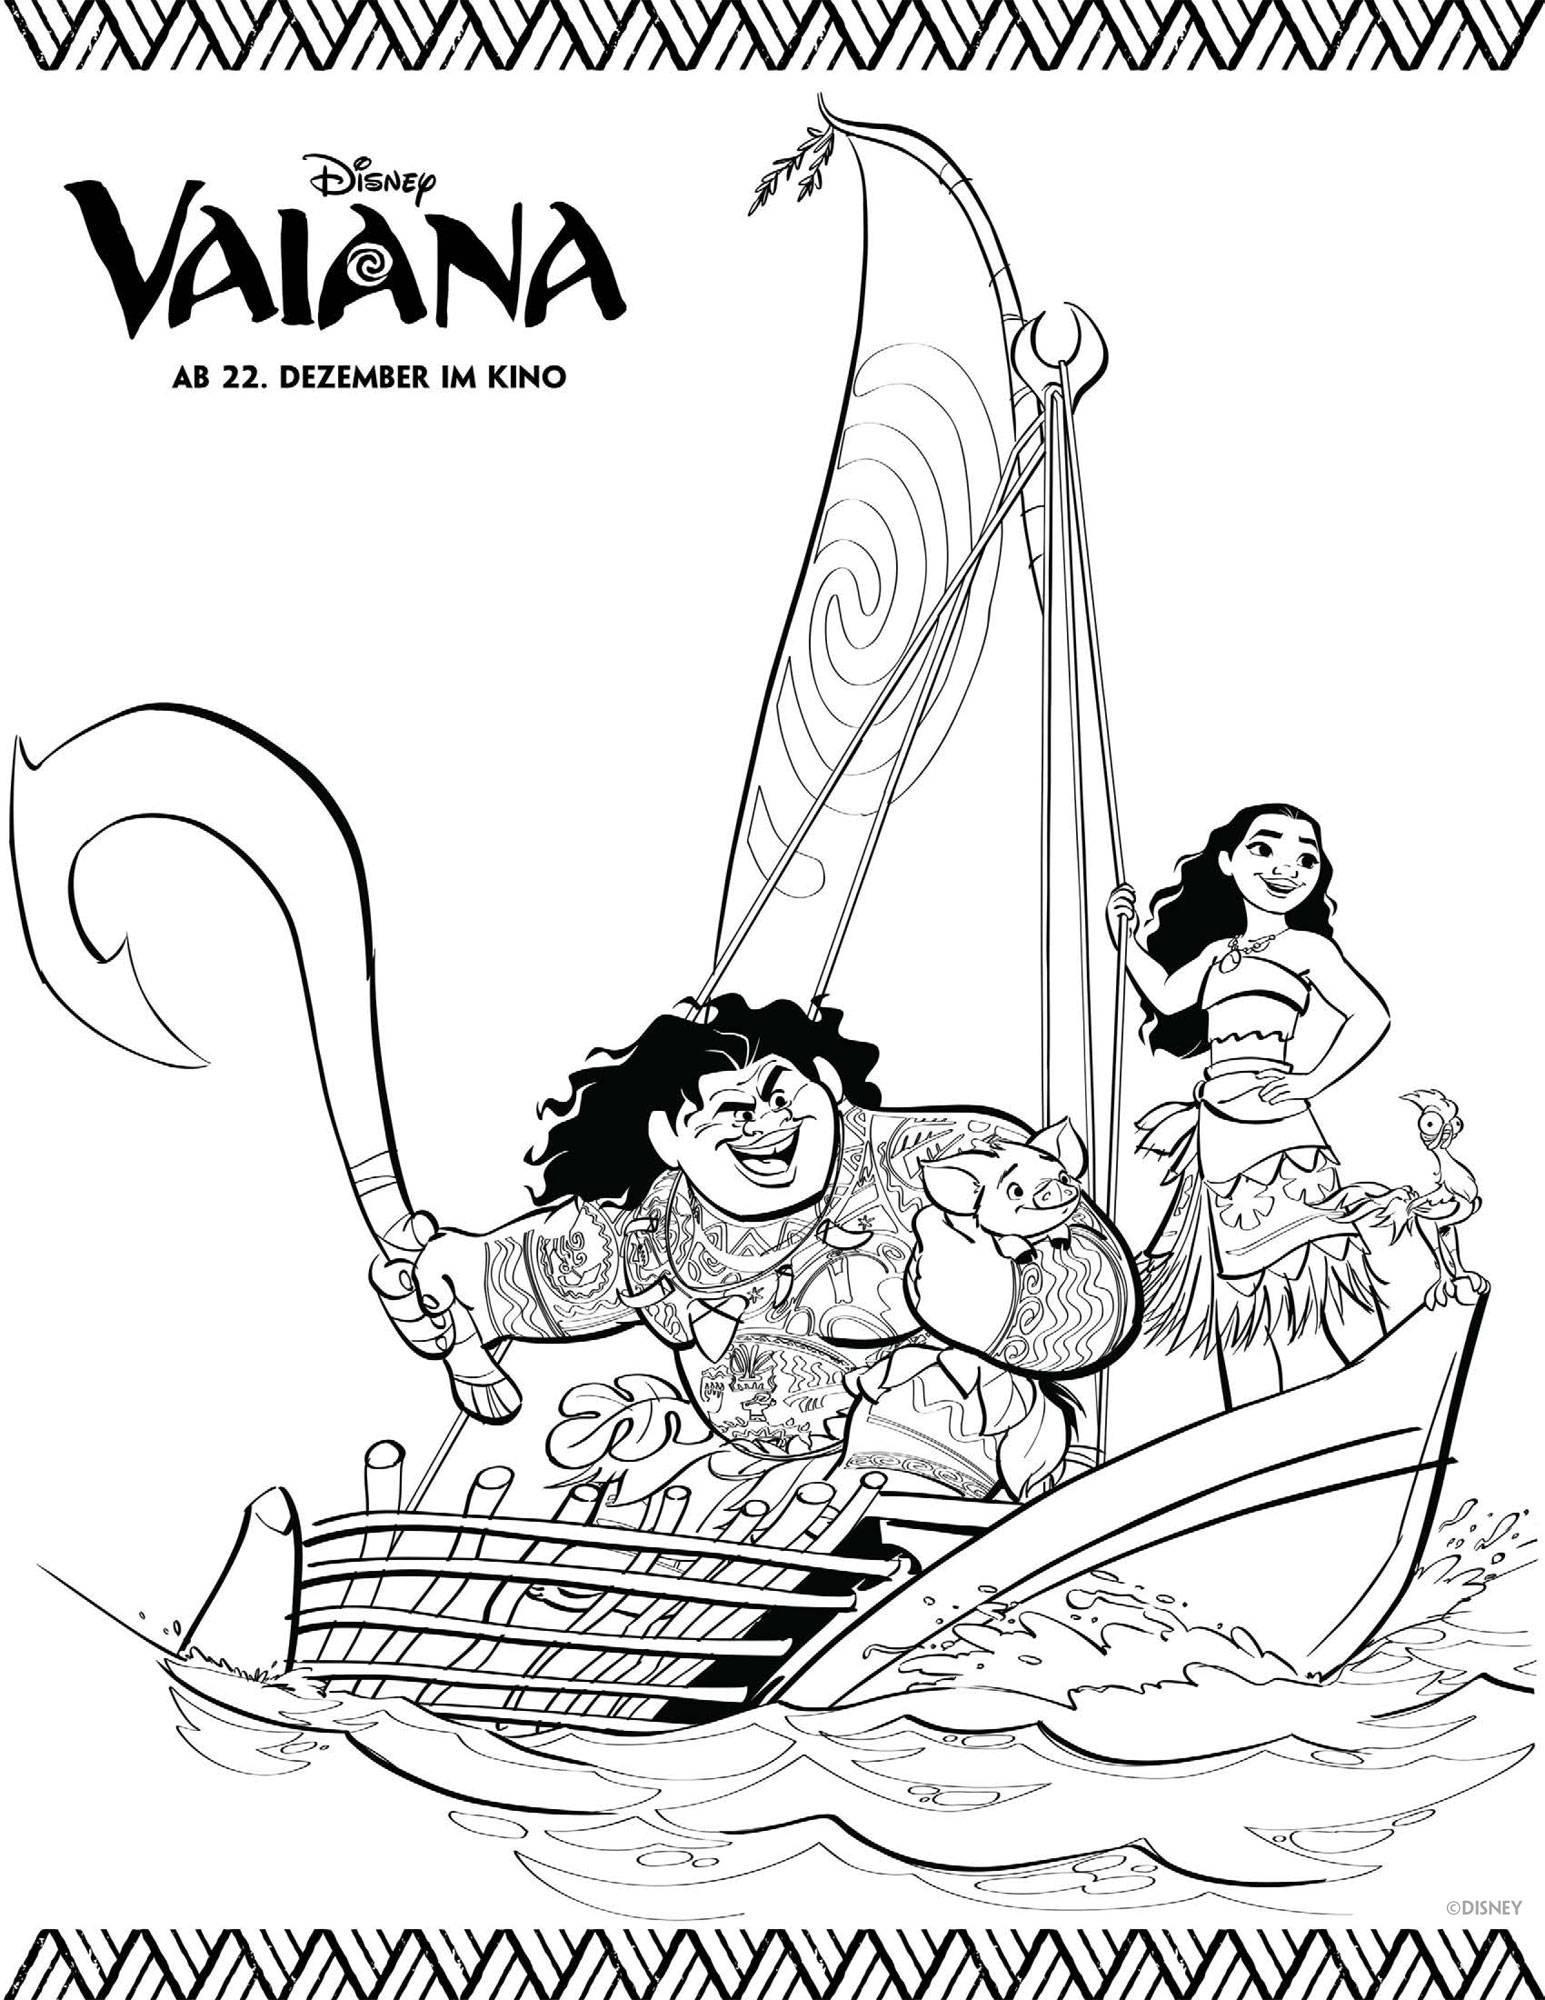 die besten ideen für vaiana ausmalbilder  beste